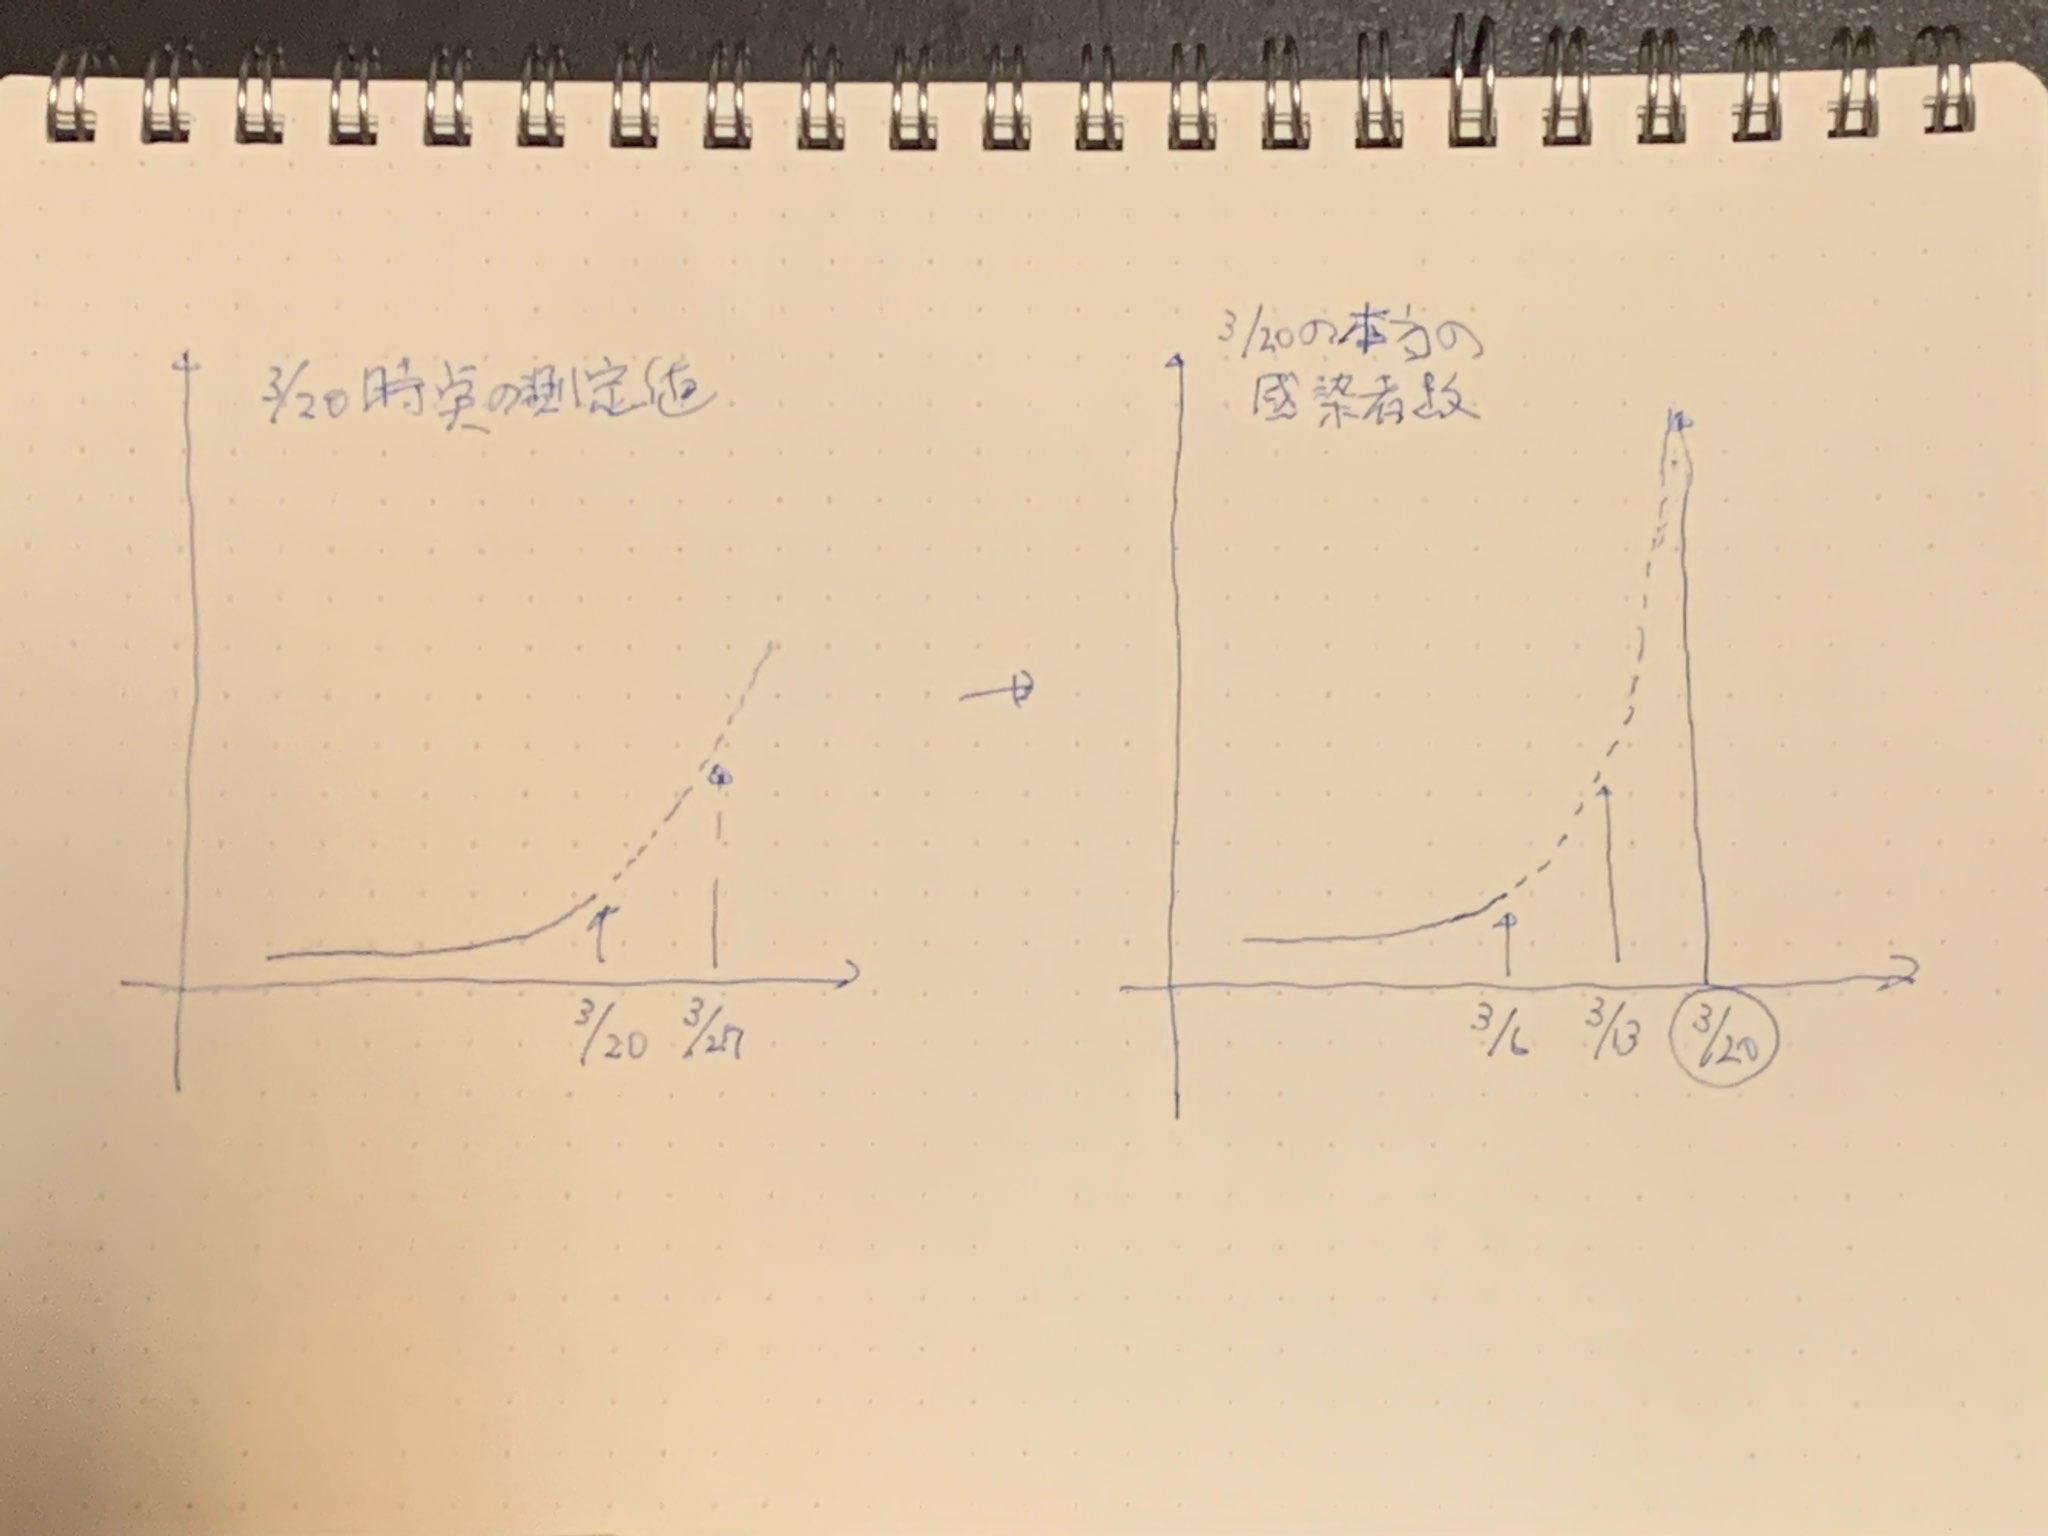 感染者増加グラフ